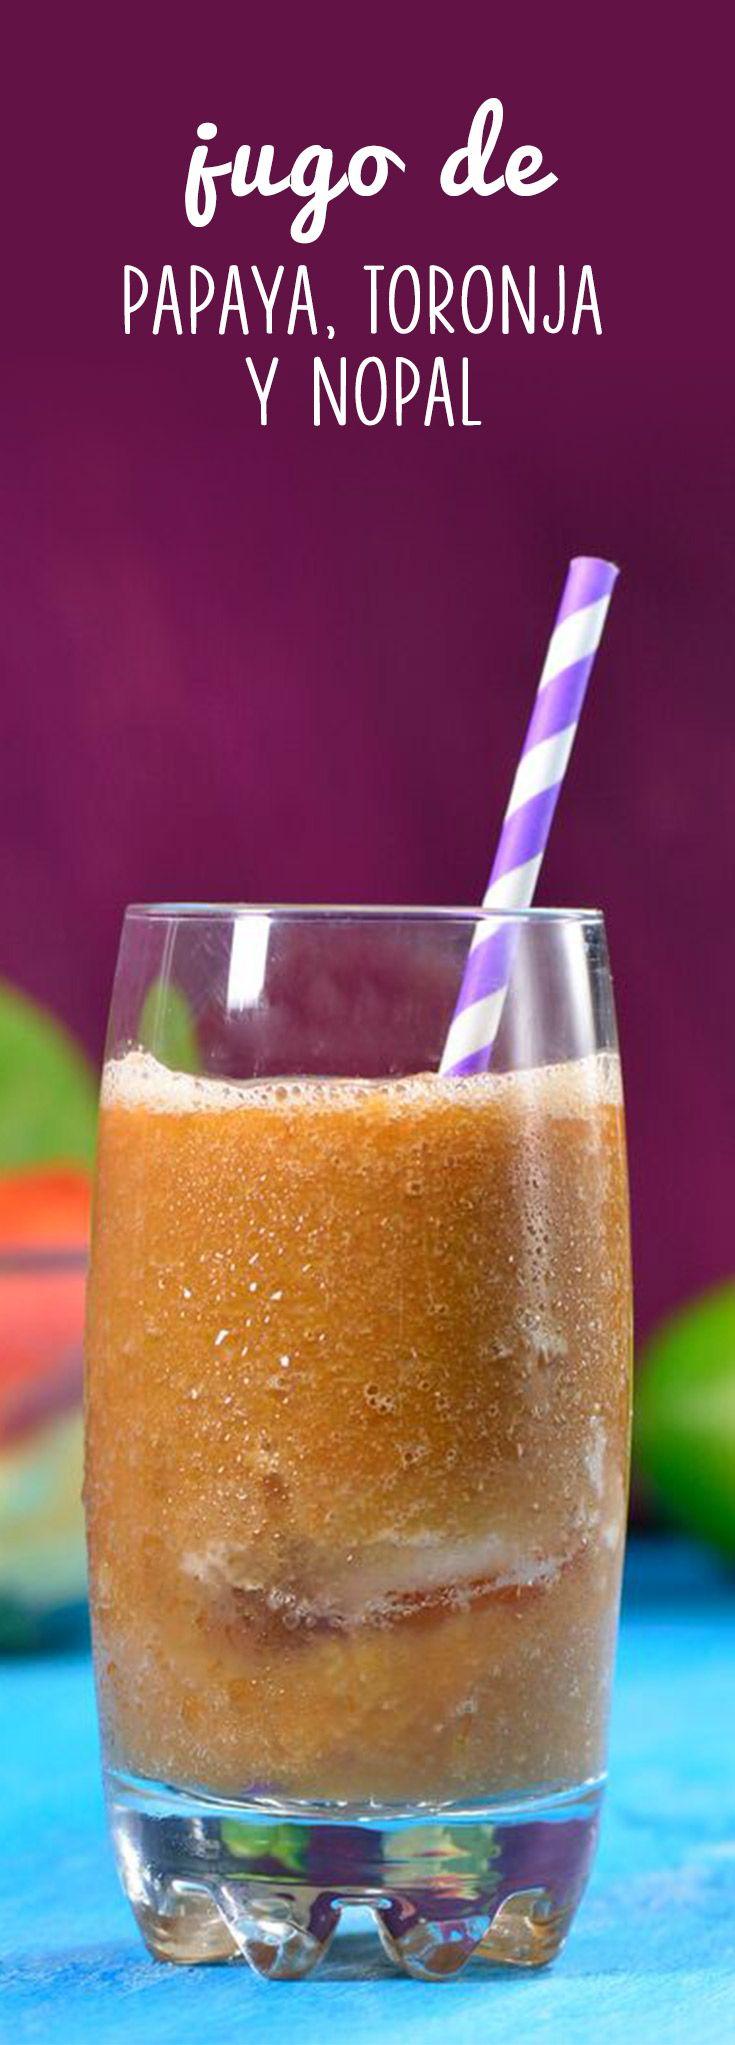 Cuídate y quema grasa con esta combinación de frutas de forma fácil y rápida. El jugo de papaya, toronja y nopal es delicioso, bien fácil de preparar y muy saludable. ¡No dejes de prepararlo!